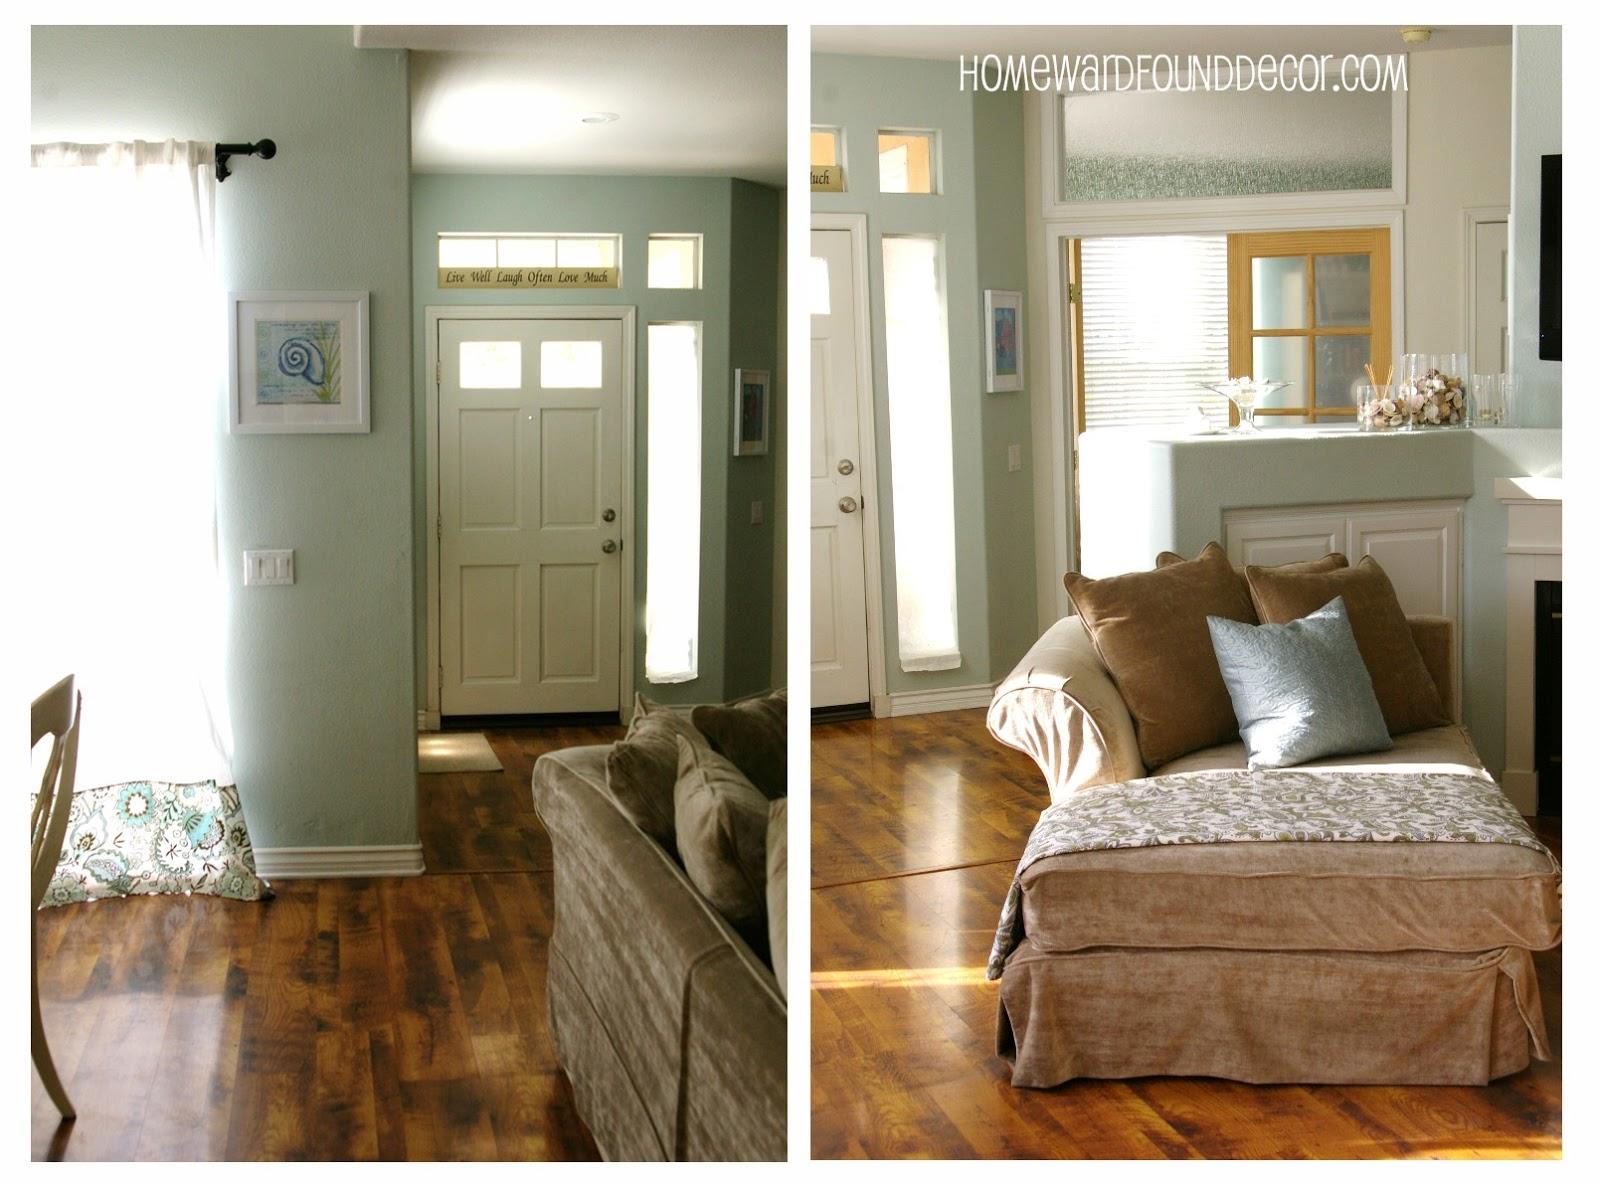 Admirable Free Weekend Makeover Part 2 Homewardfound Decor Uwap Interior Chair Design Uwaporg